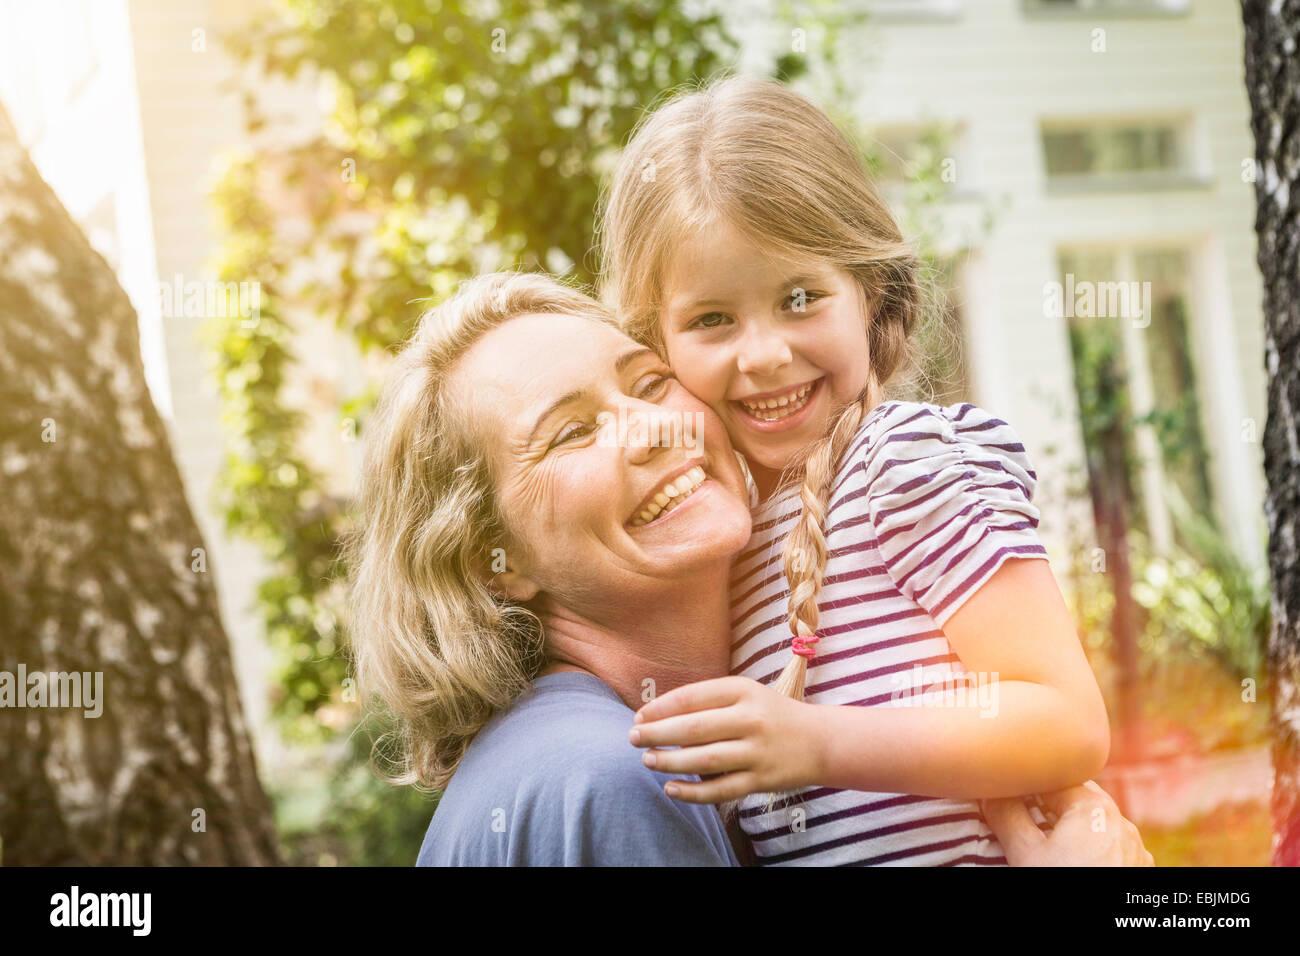 Grand-mère et petite-fille ensemble Photo Stock